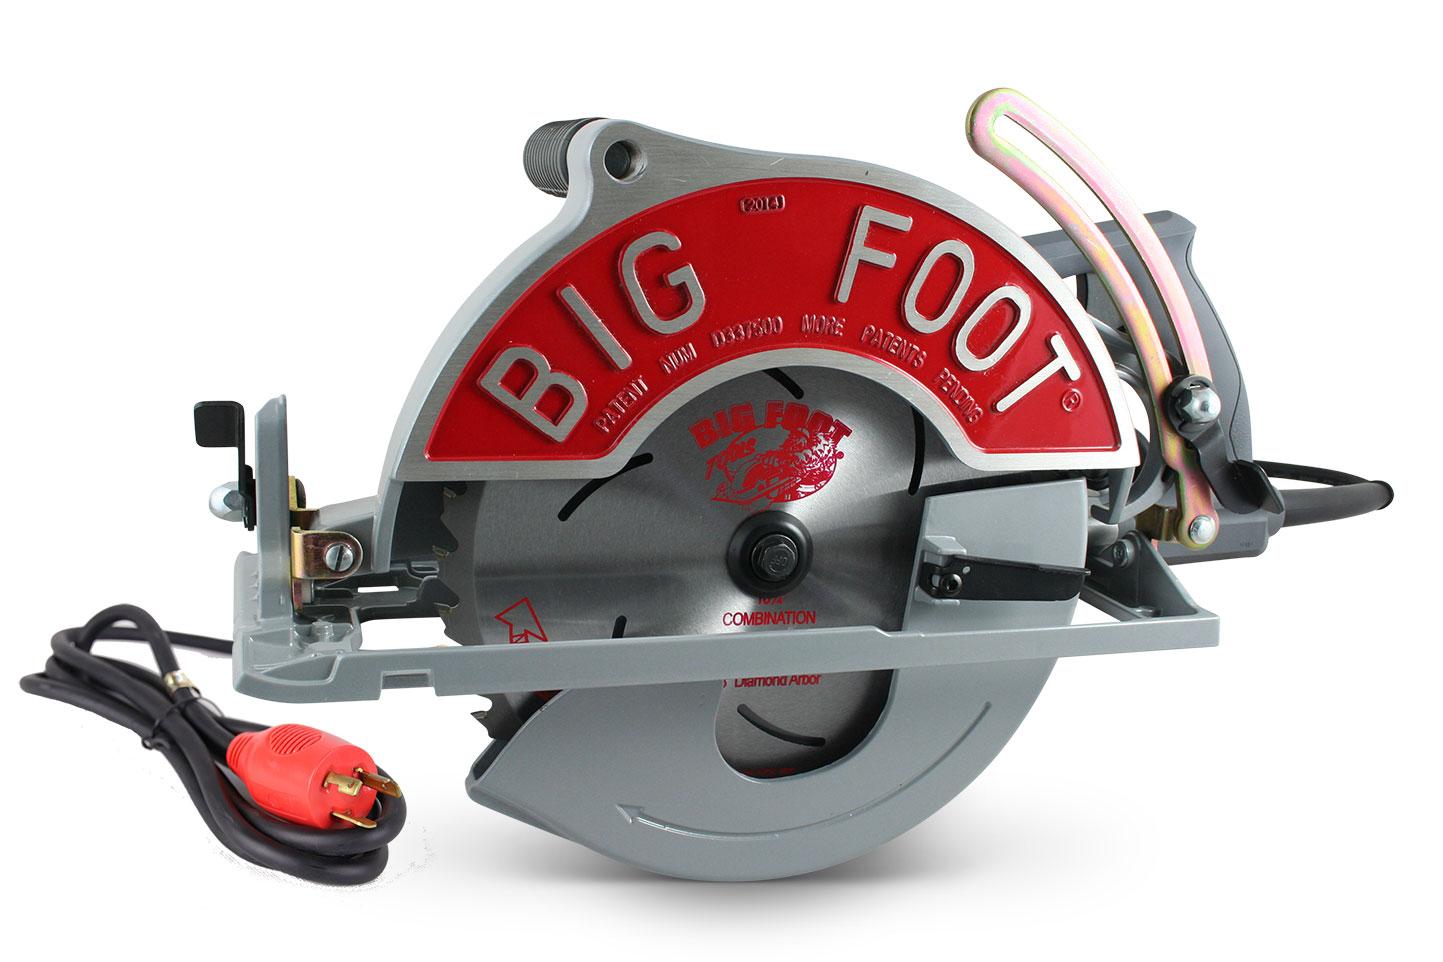 The Original 10-1/4 Big Foot Beam Saw w/Twist Lock Cord